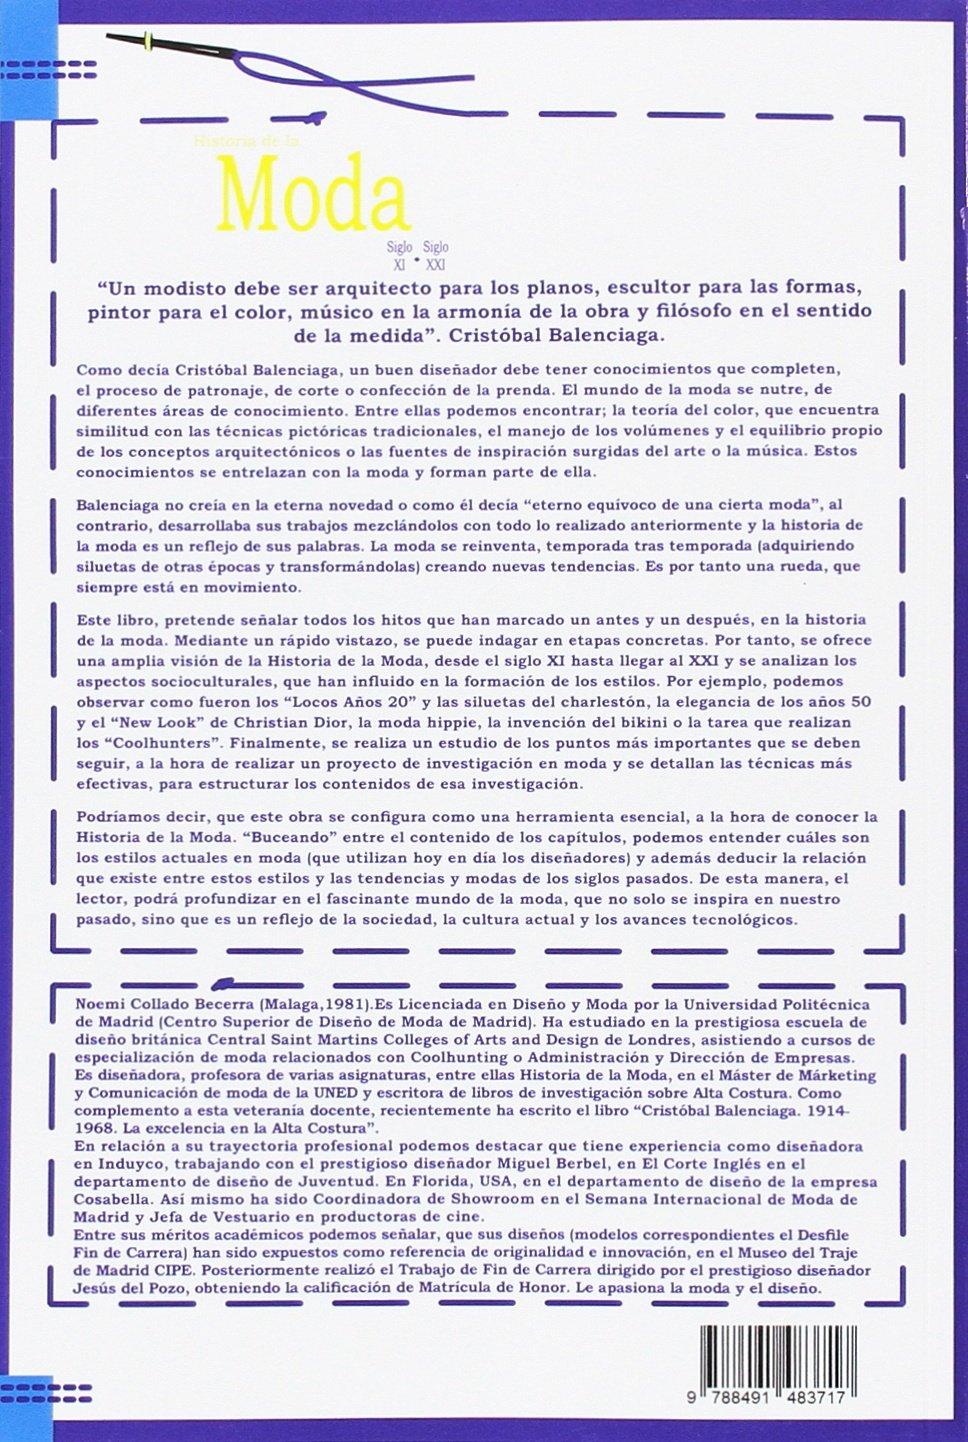 Historia de la moda 2ª Edición . Siglo XVI - Siglo XXI: Amazon.es ...